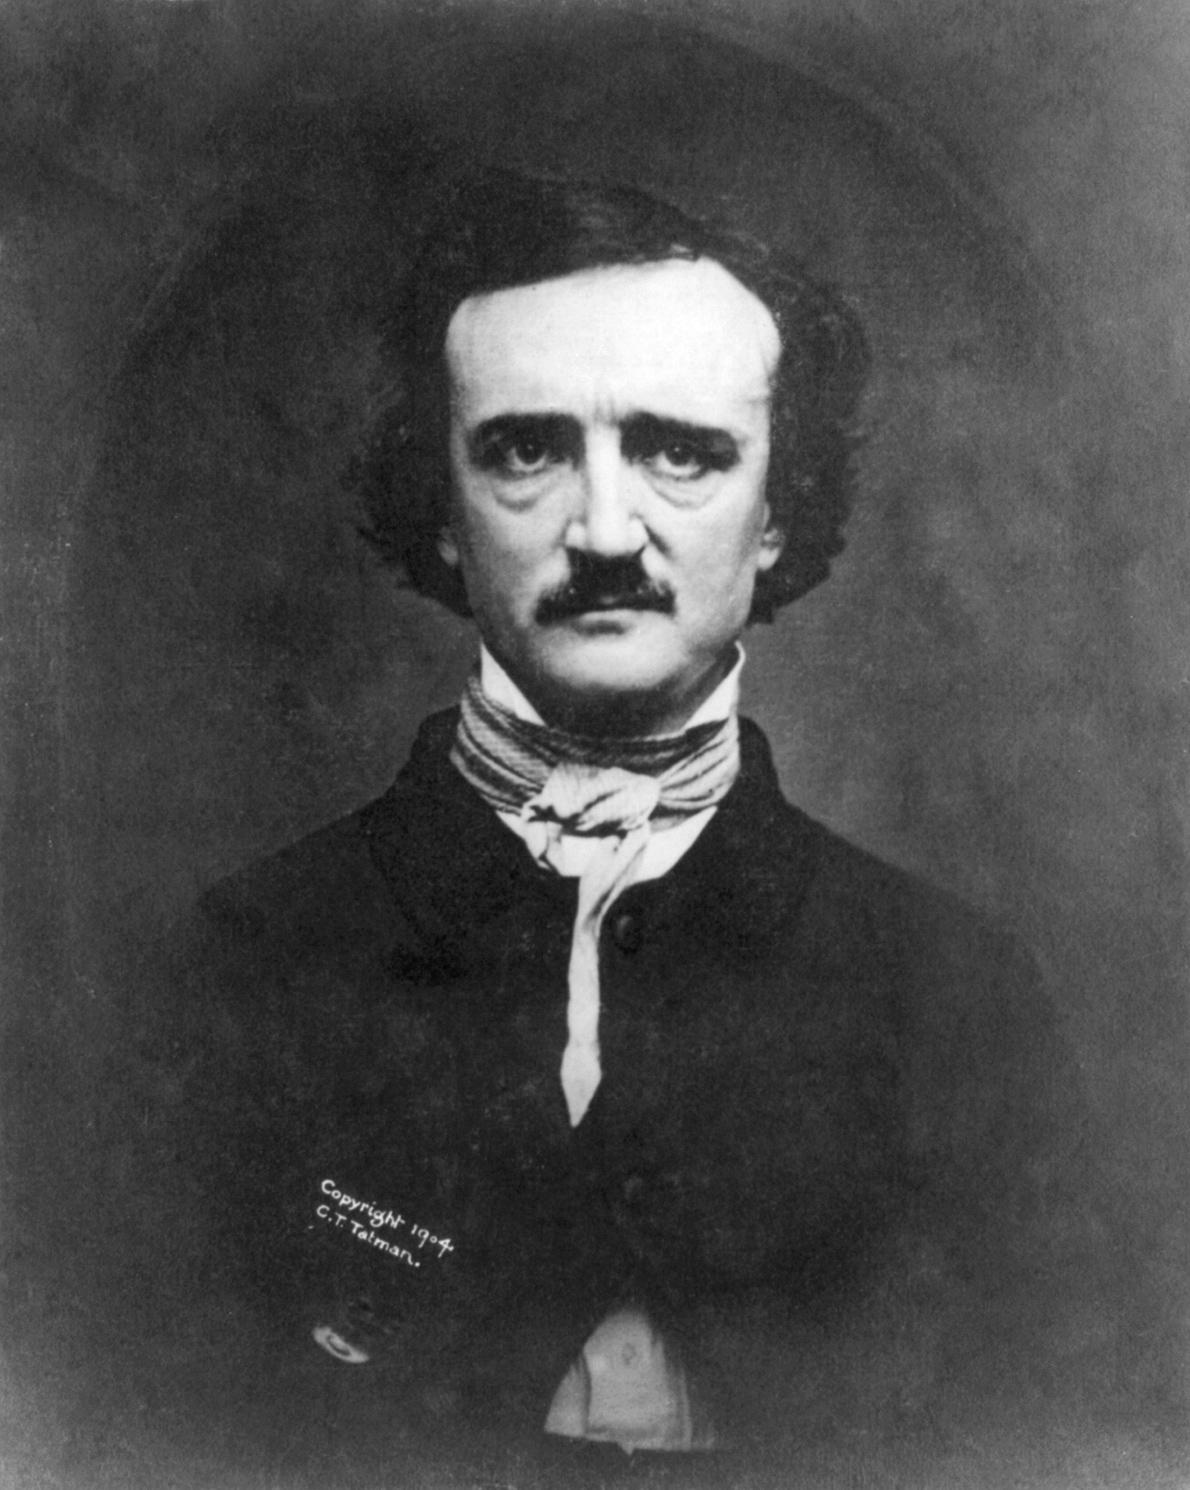 Edgar Allan Poe Daguerrotype 1848